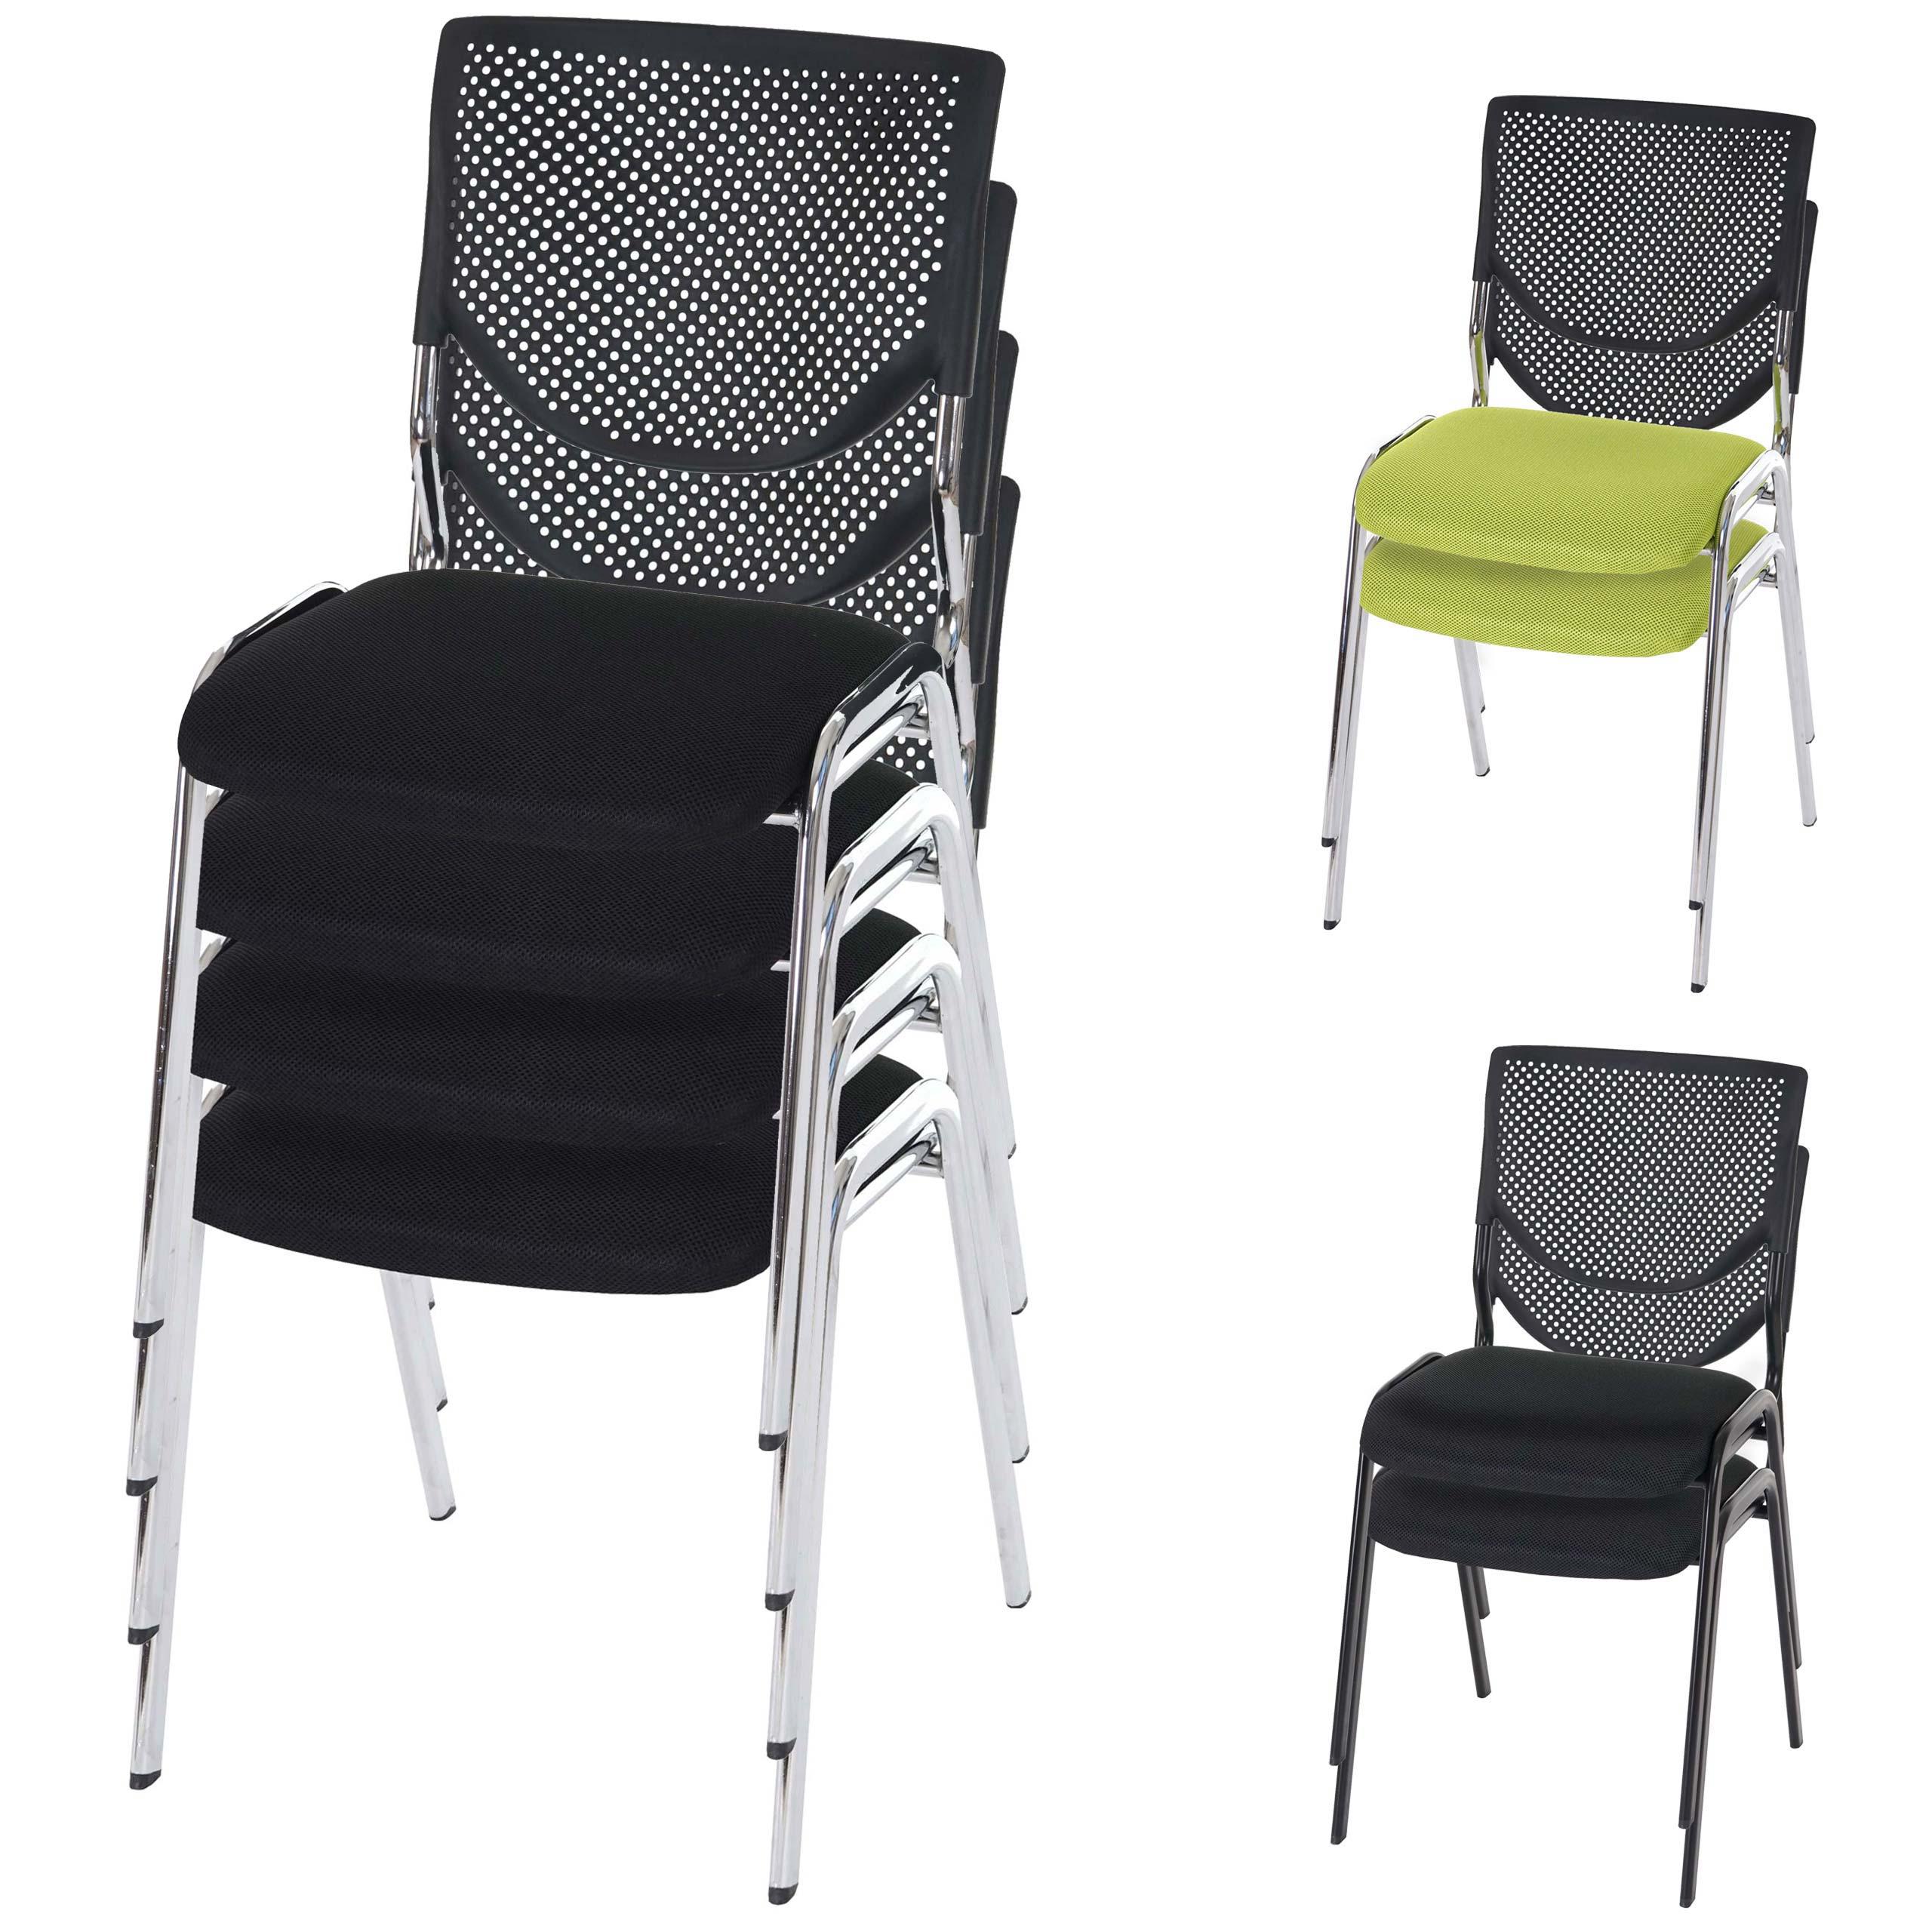 2x oder 4x besucherstuhl t401 konferenzstuhl stapelbar textil ebay. Black Bedroom Furniture Sets. Home Design Ideas